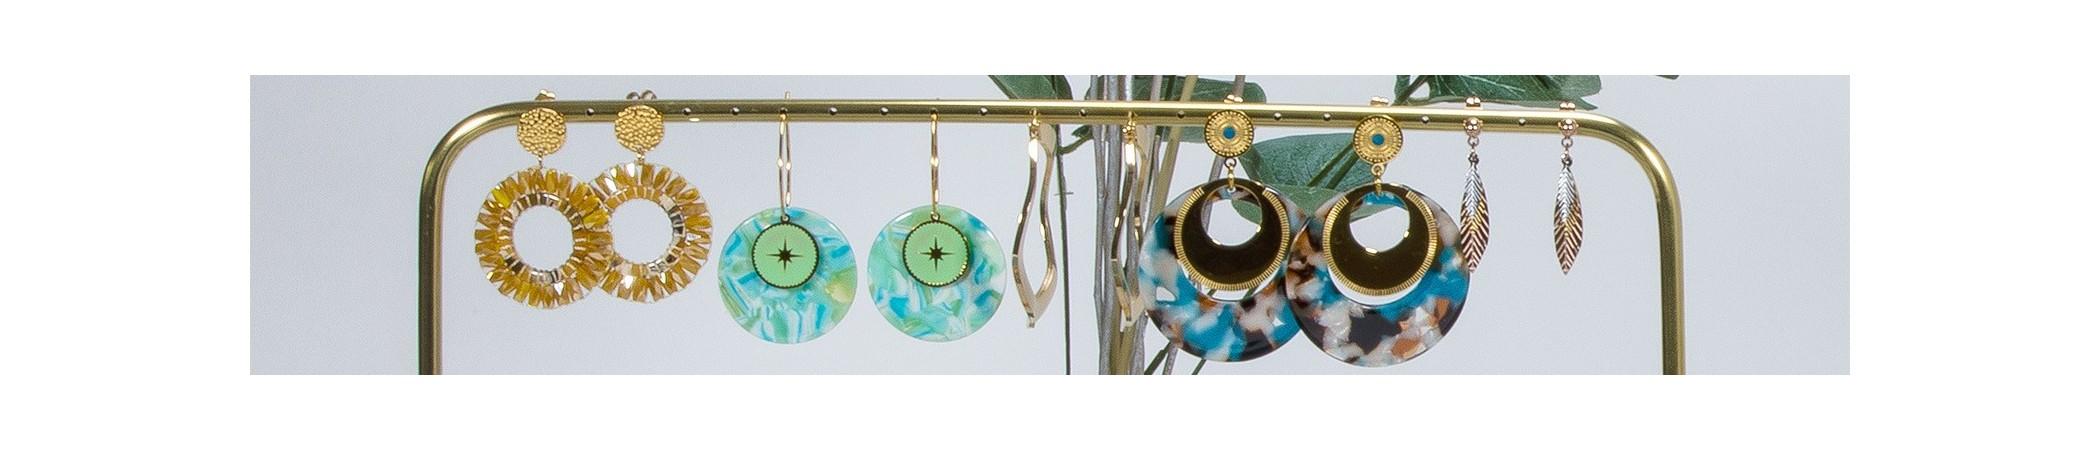 Boucles d'oreilles & bijoux de créateur Menthe À l'O - Bijoux Sauvages